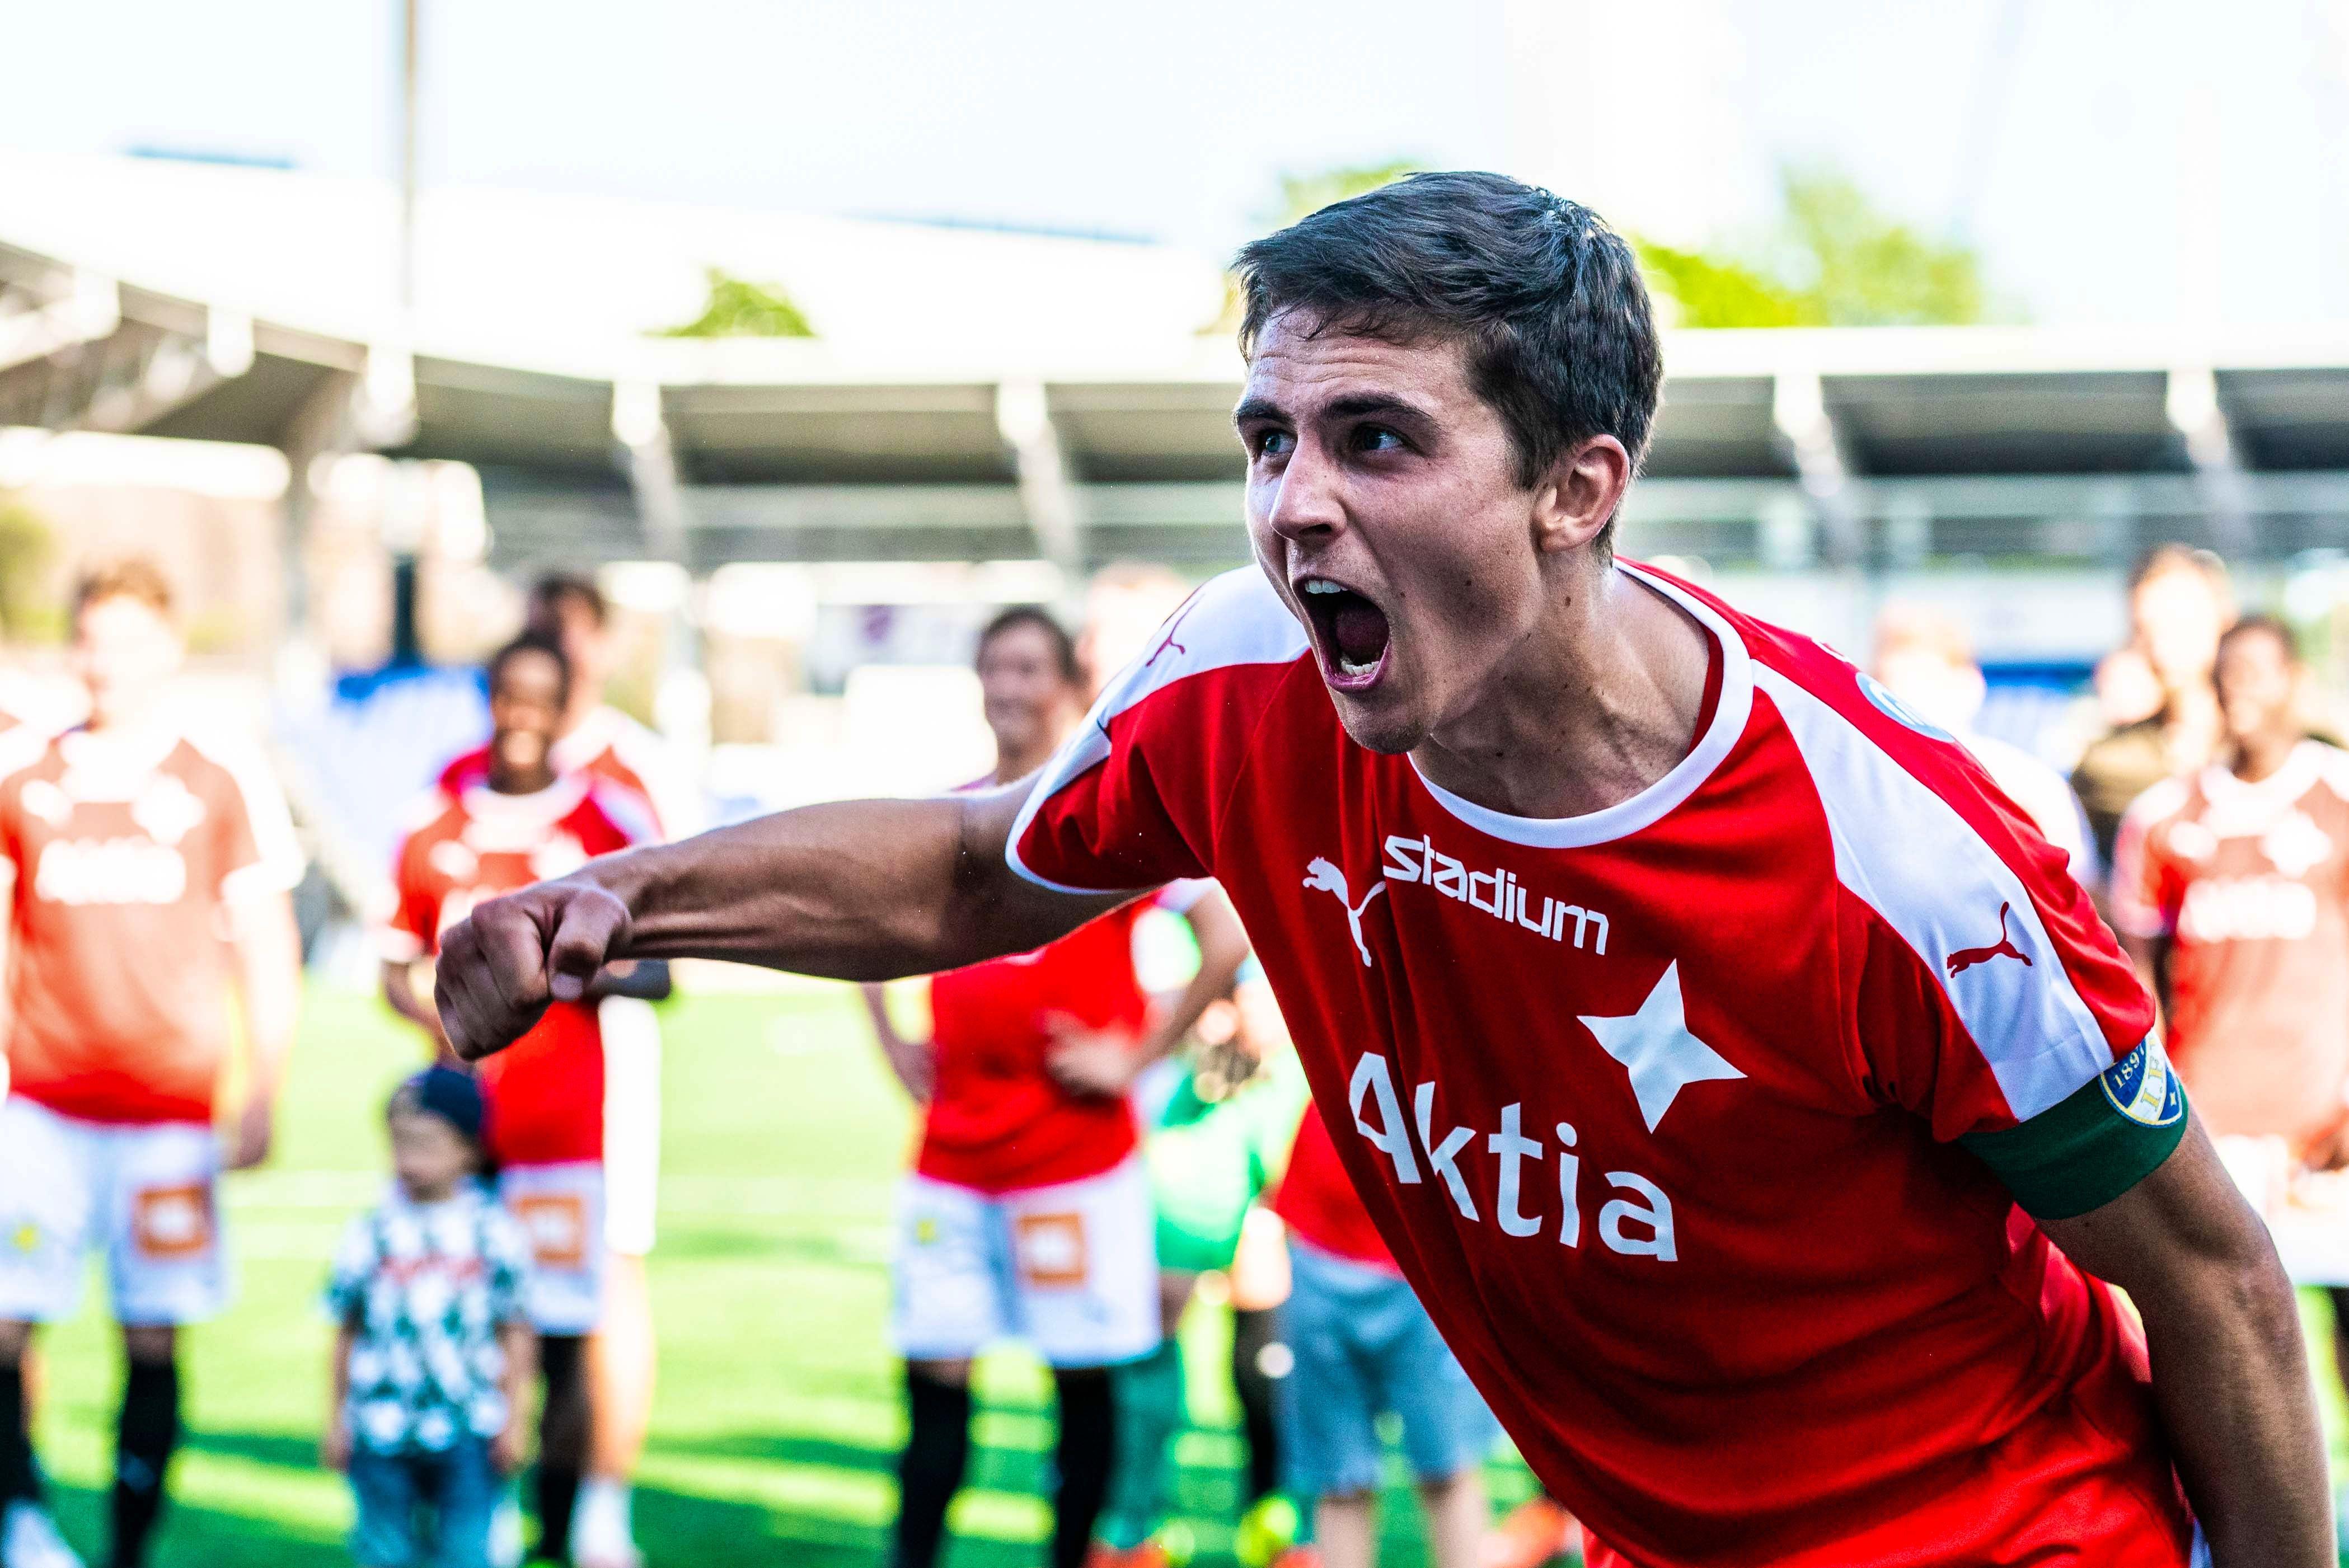 Matchkamraten: Tero Mäntylä